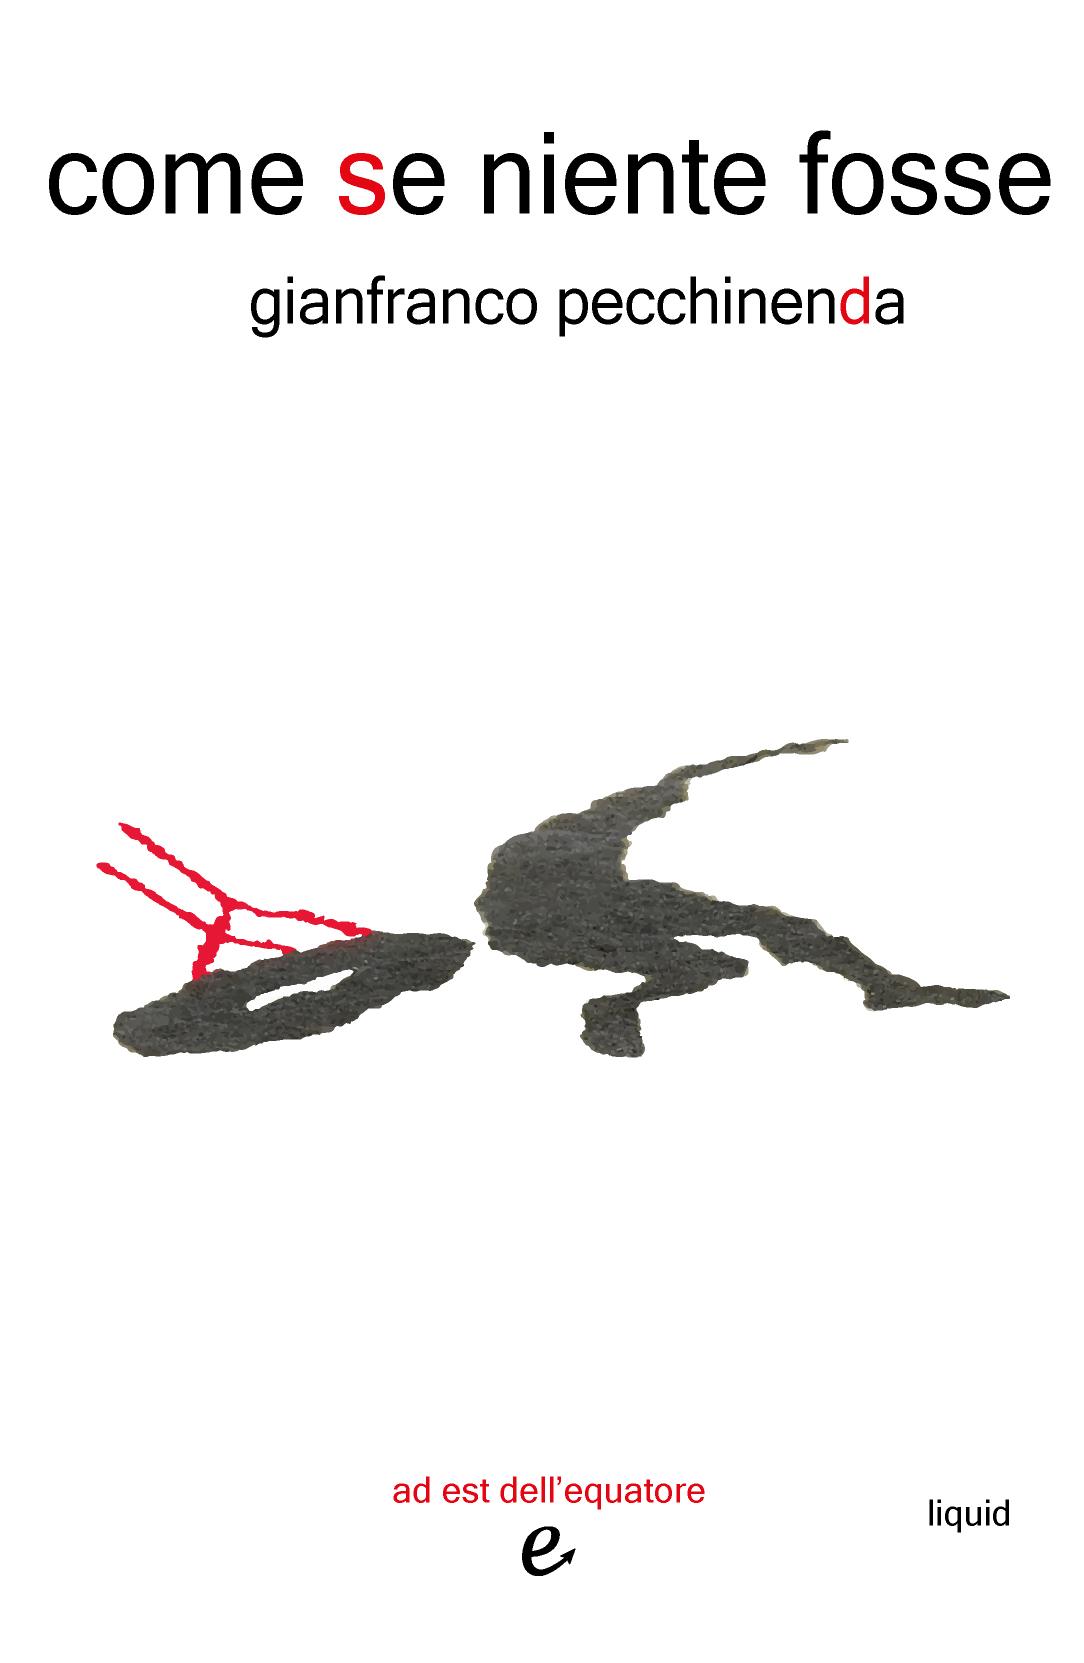 Come se niente fosse, di Gianfranco Pecchinenda